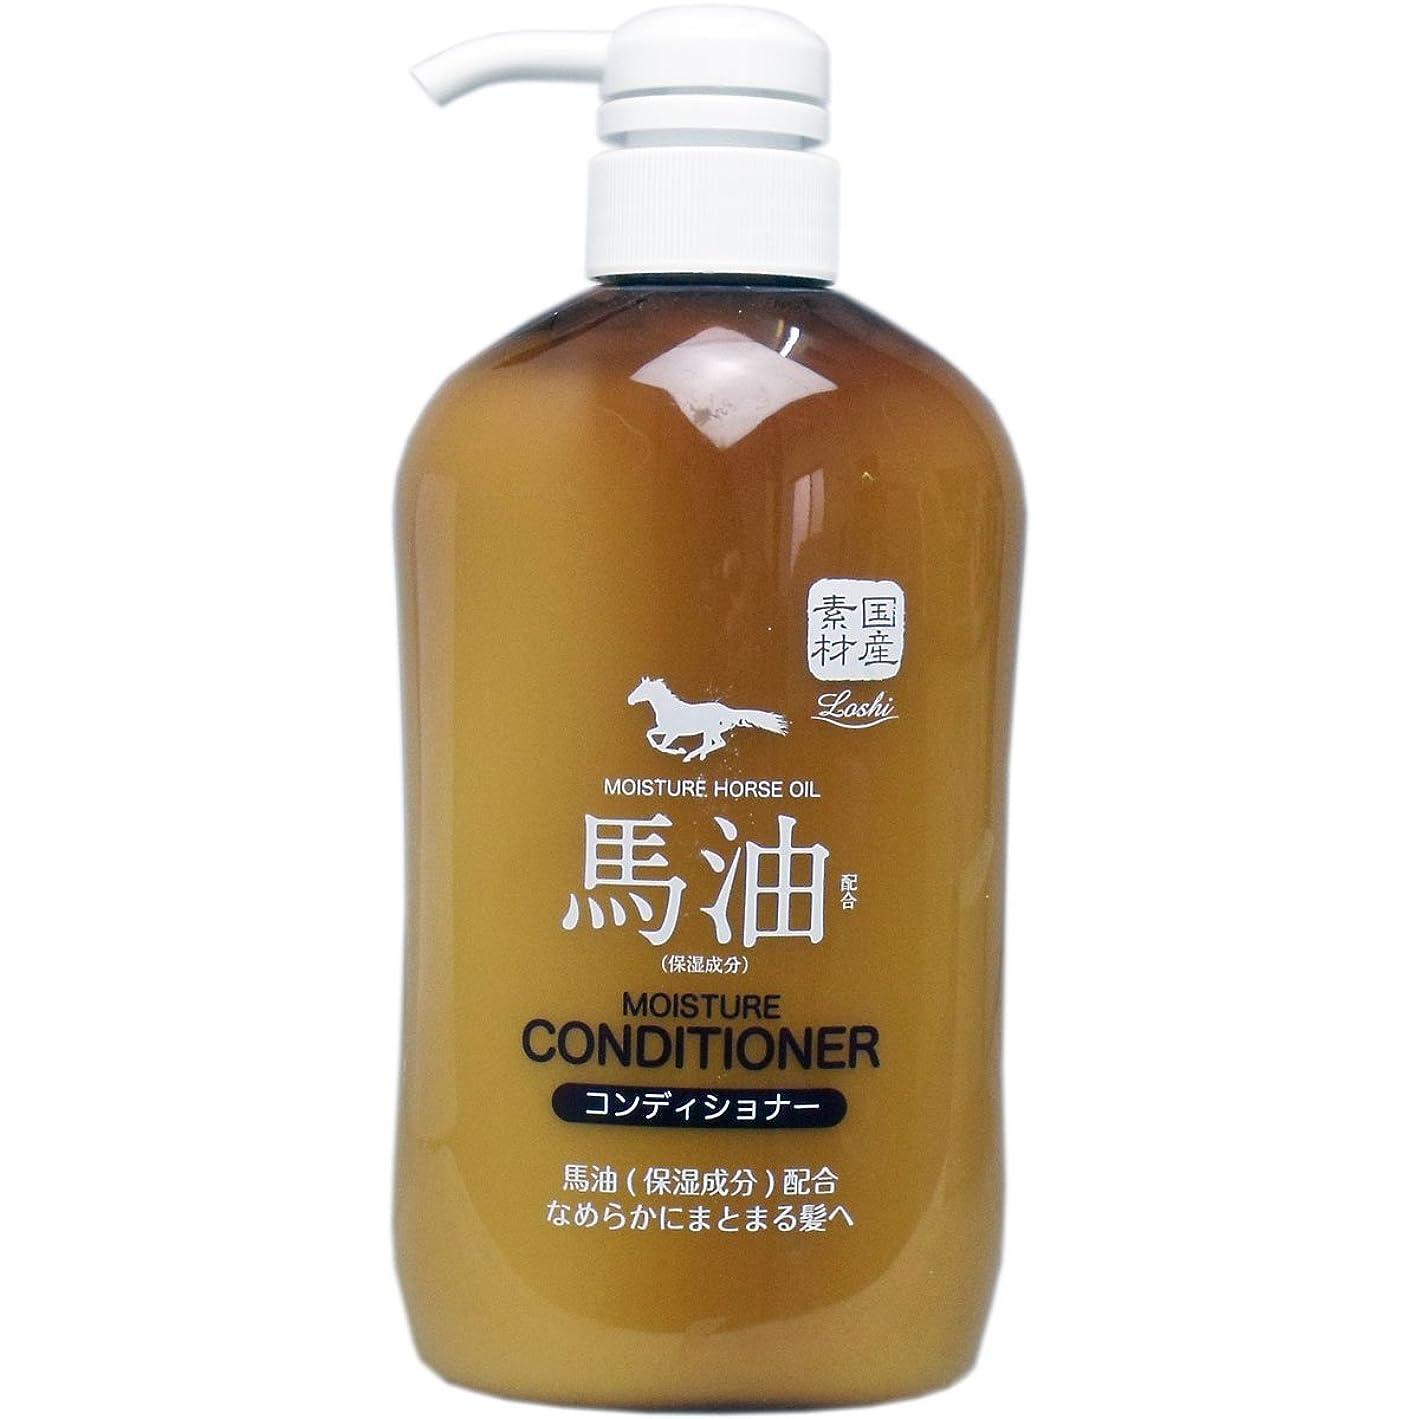 踊り子モデレータ粘土馬油(保湿成分)配合 コンディショナー 600ml